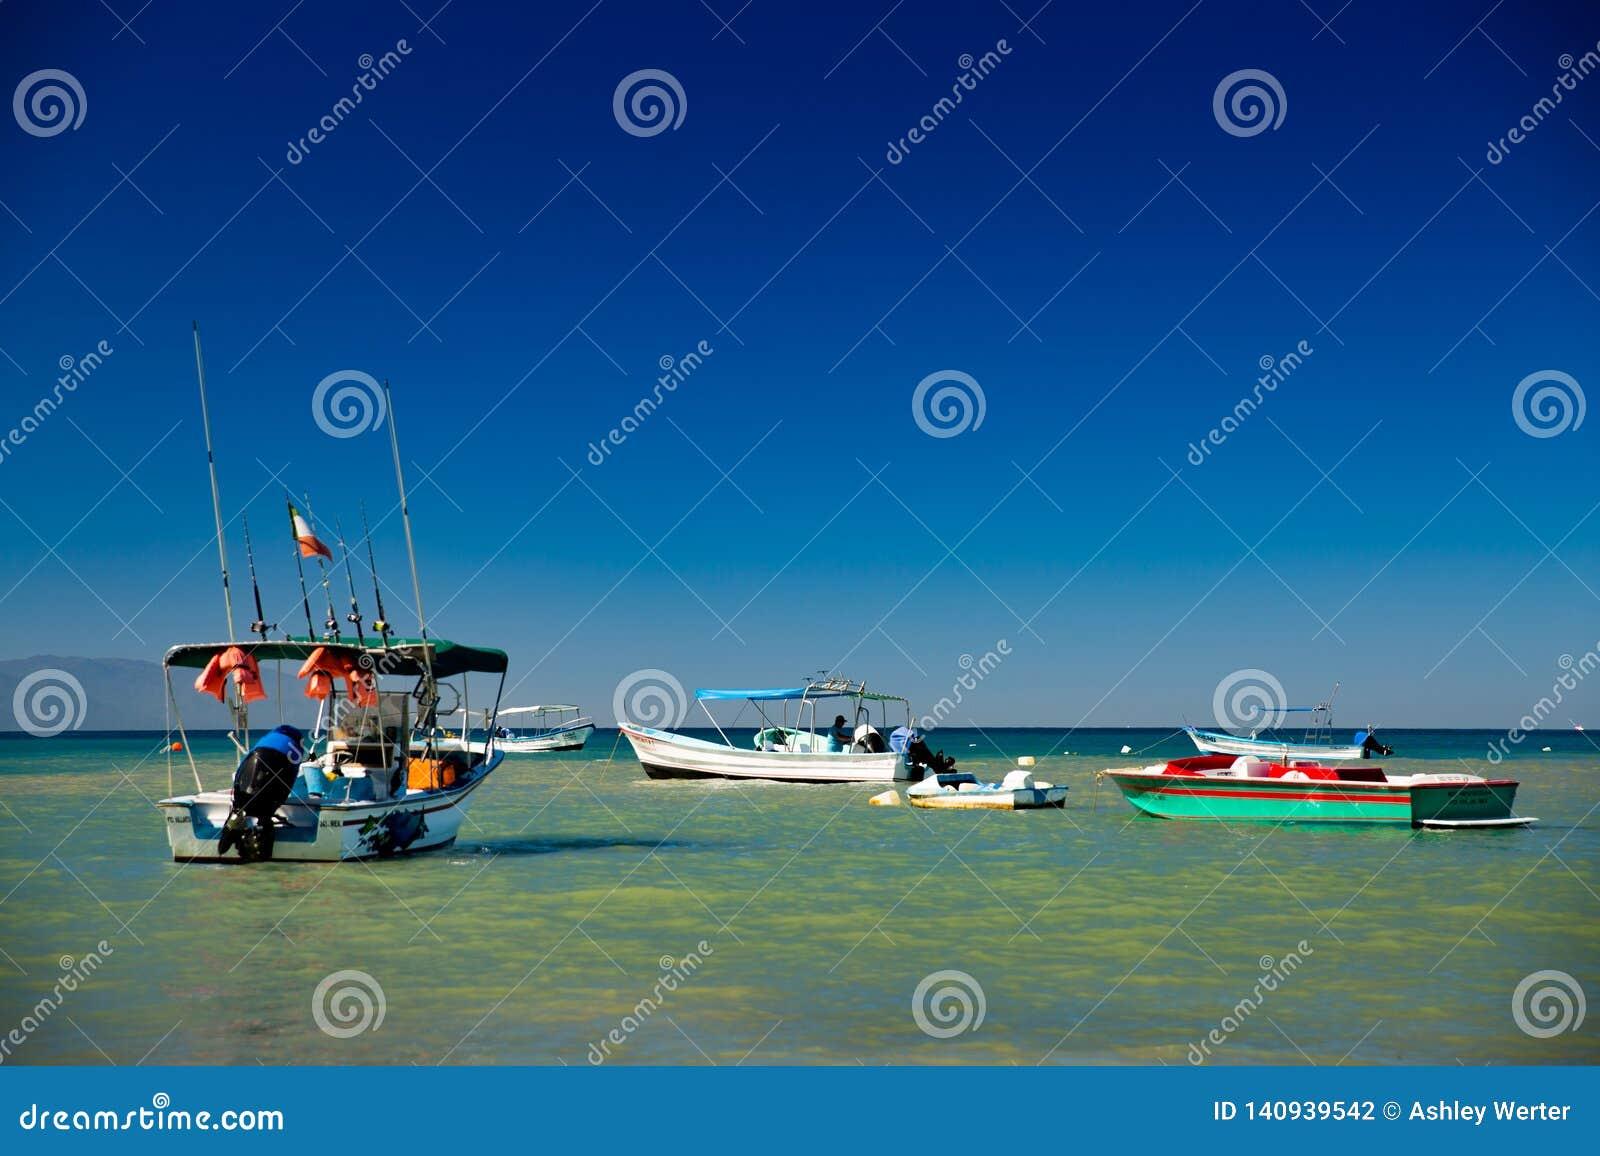 Boats in Yelapa, Jalisco, Mexico